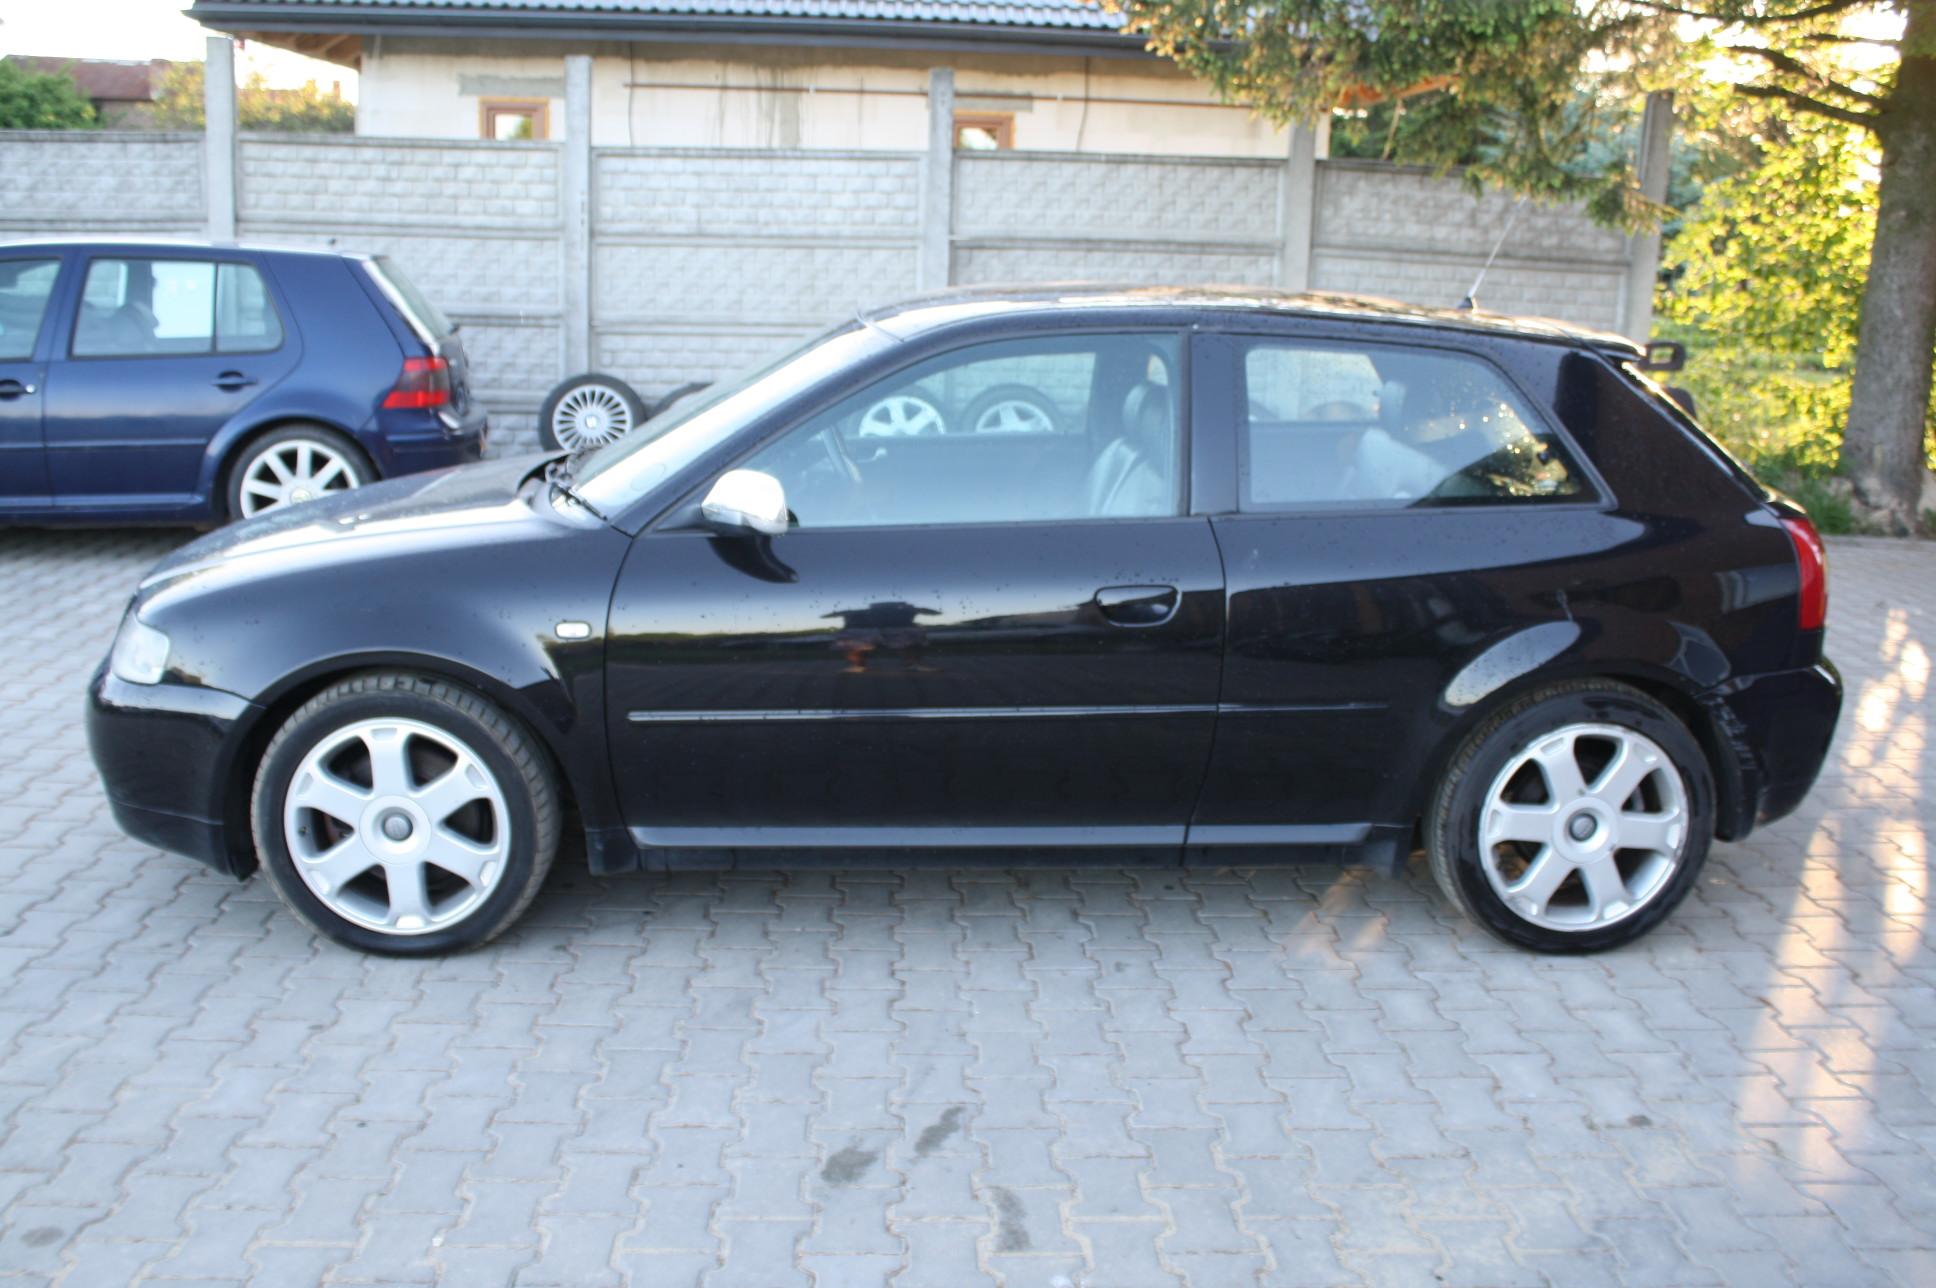 Drzwi Audi S3 8l 03r Czarne Ly9b Polift A3 7027960061 Oficjalne